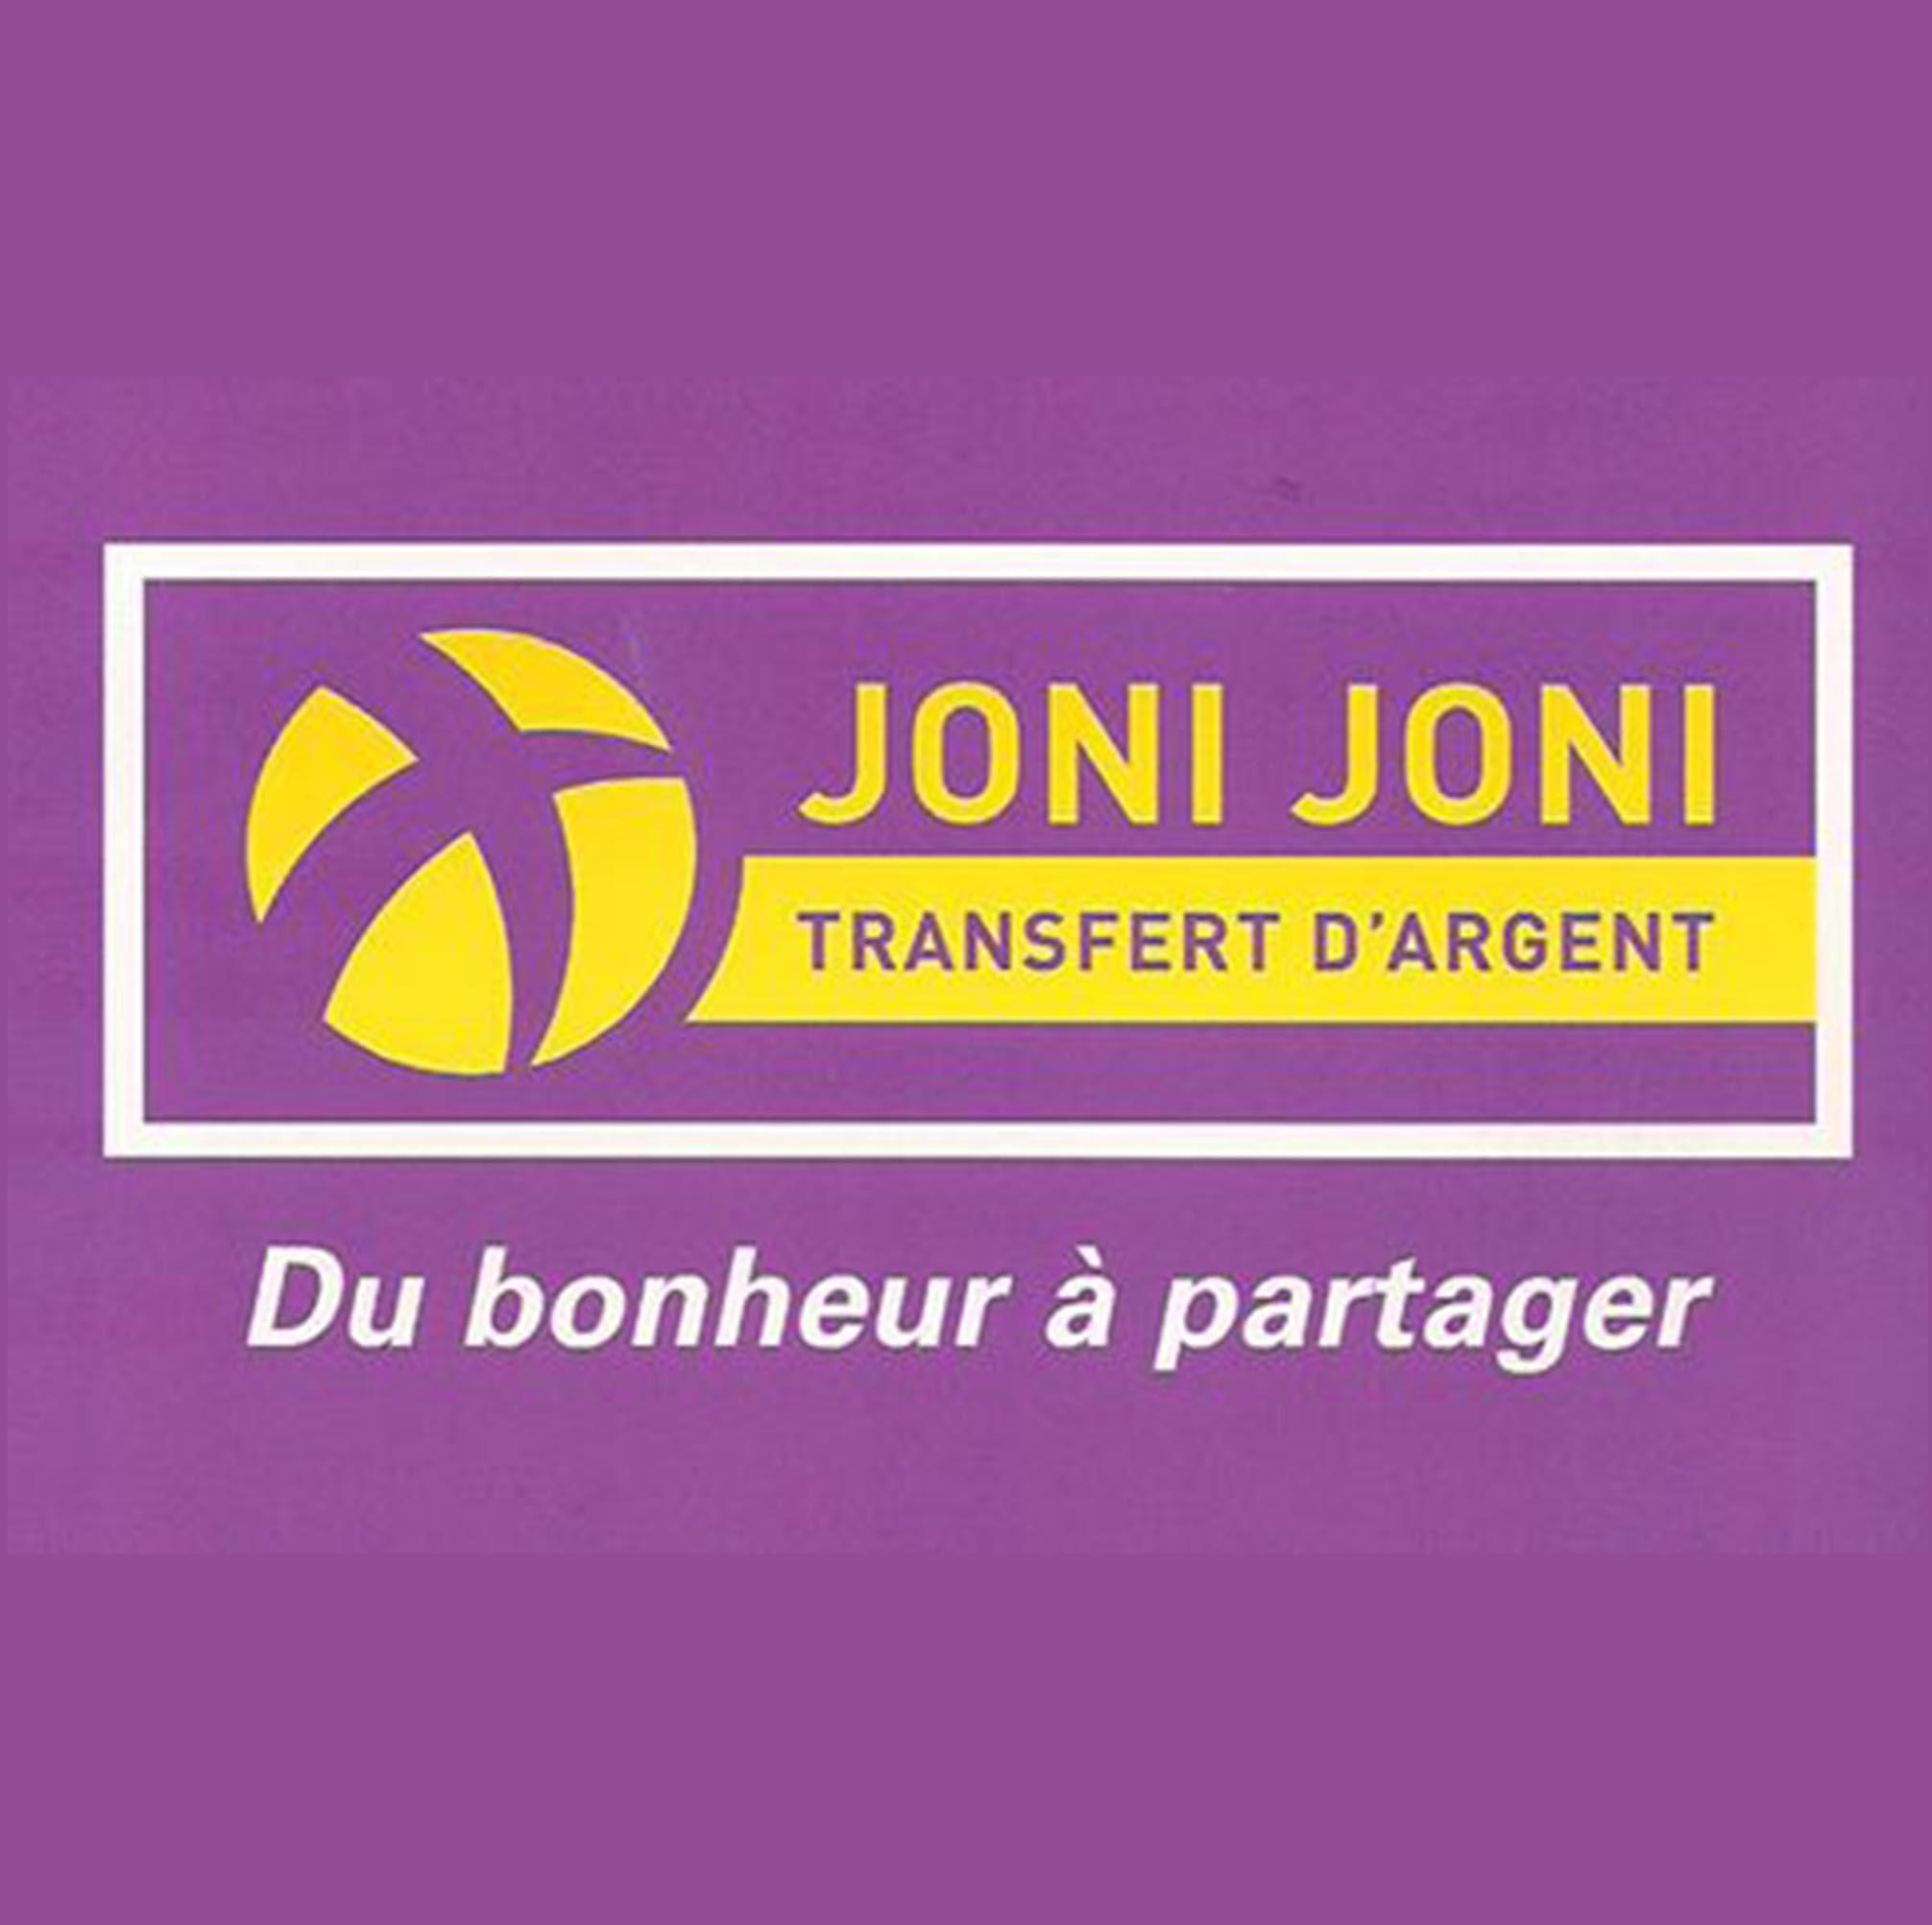 Centre d'Assistance aux Demandeurs de Visa - Joni Joni